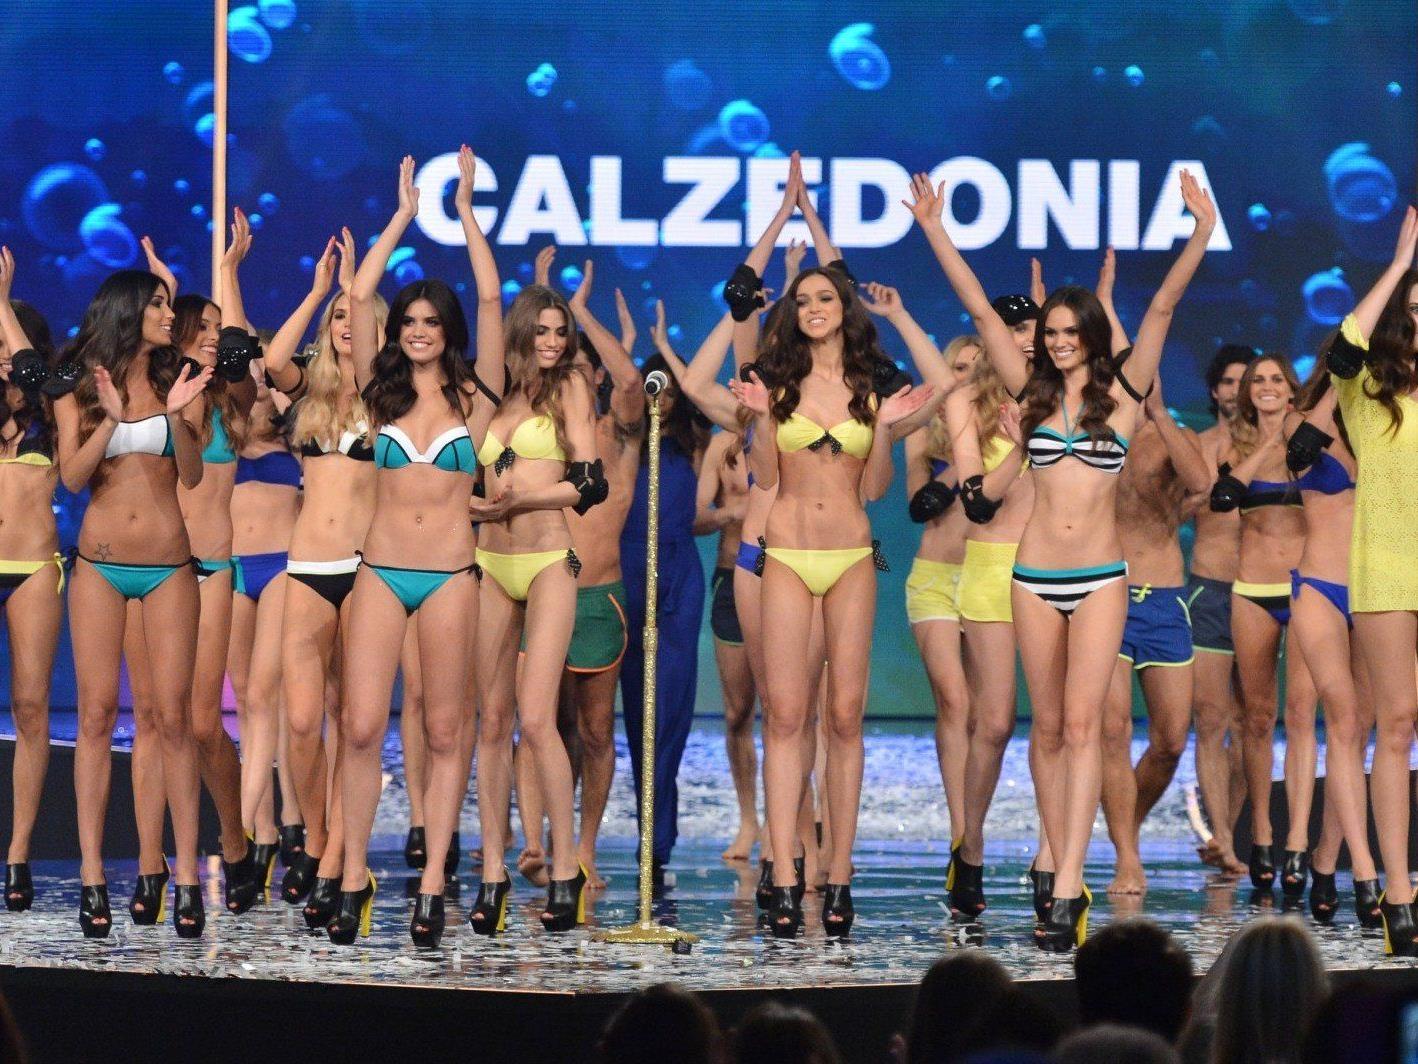 In Rimini wurden die heißen Bikini-Trends von Calzedonia vorgestellt.